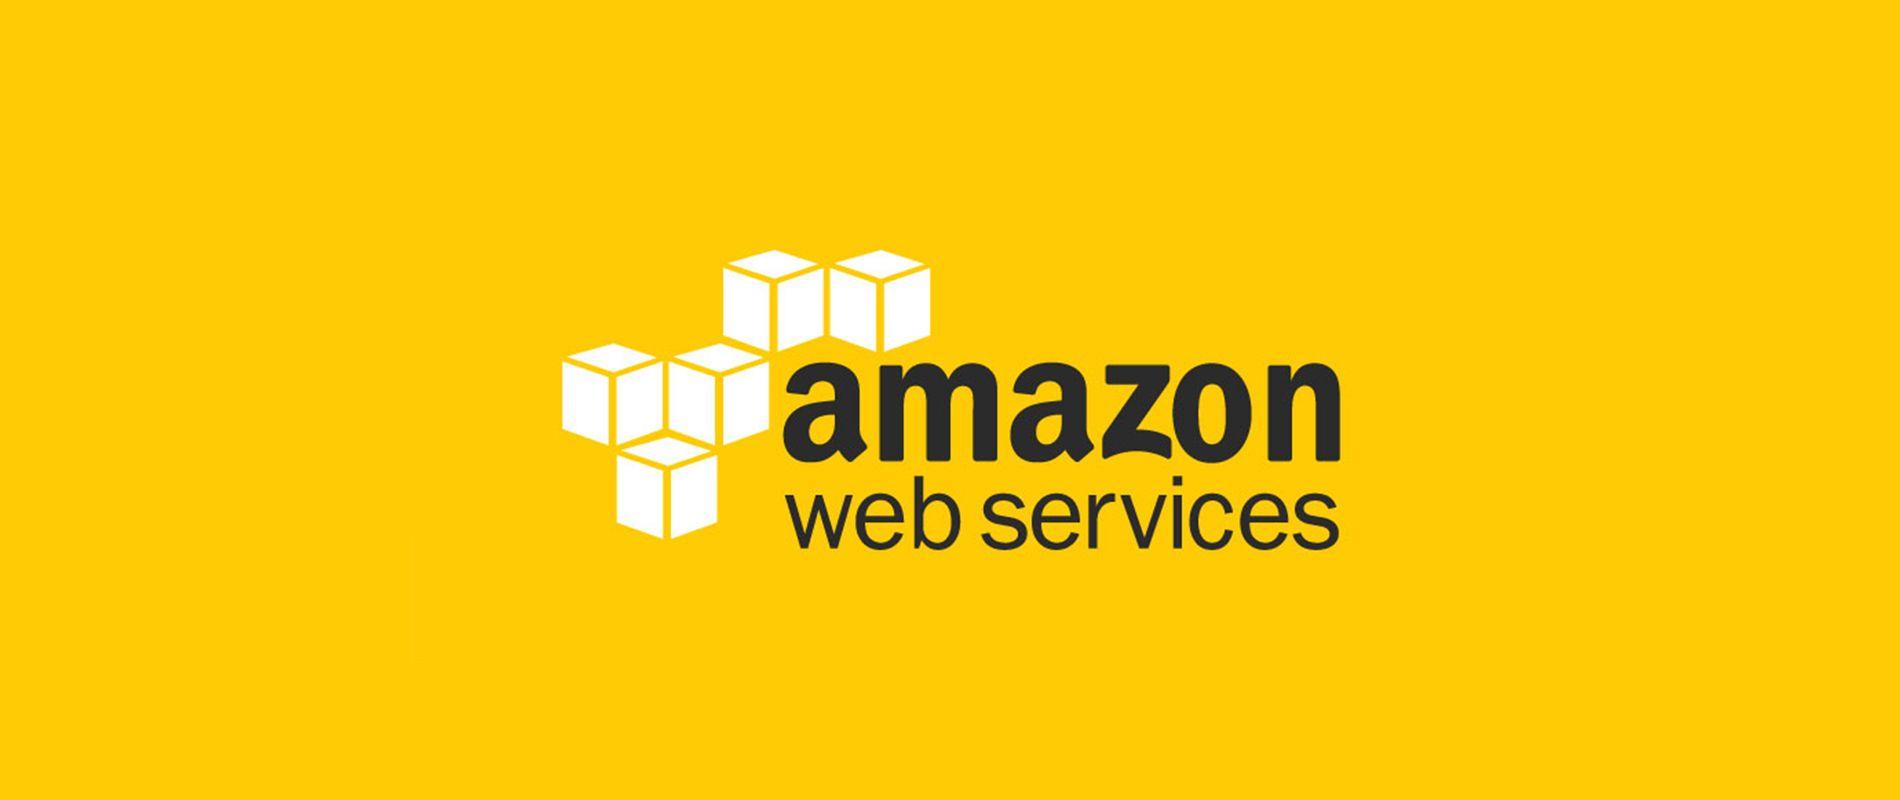 Amazon продължава с лидерството си в облака. Това стана ясно